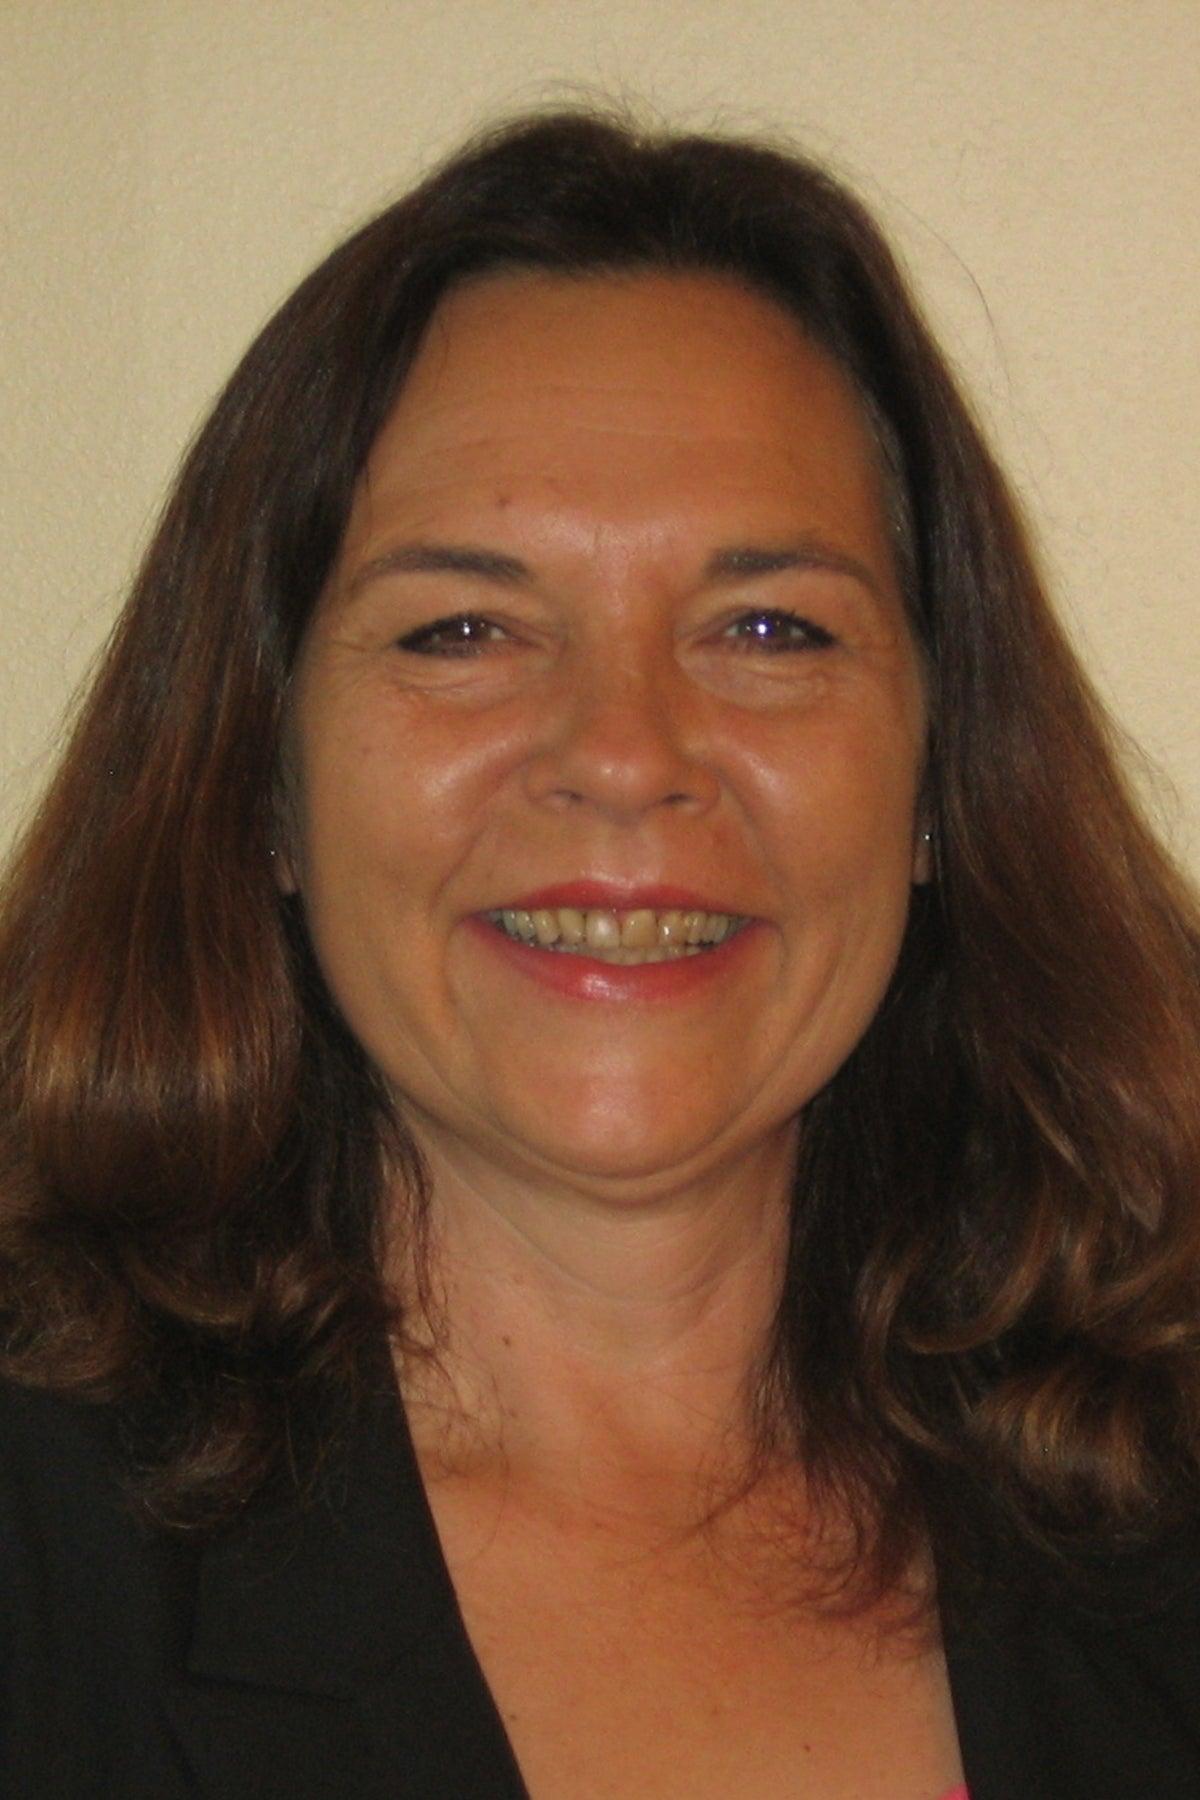 Sonja Enger Portrait